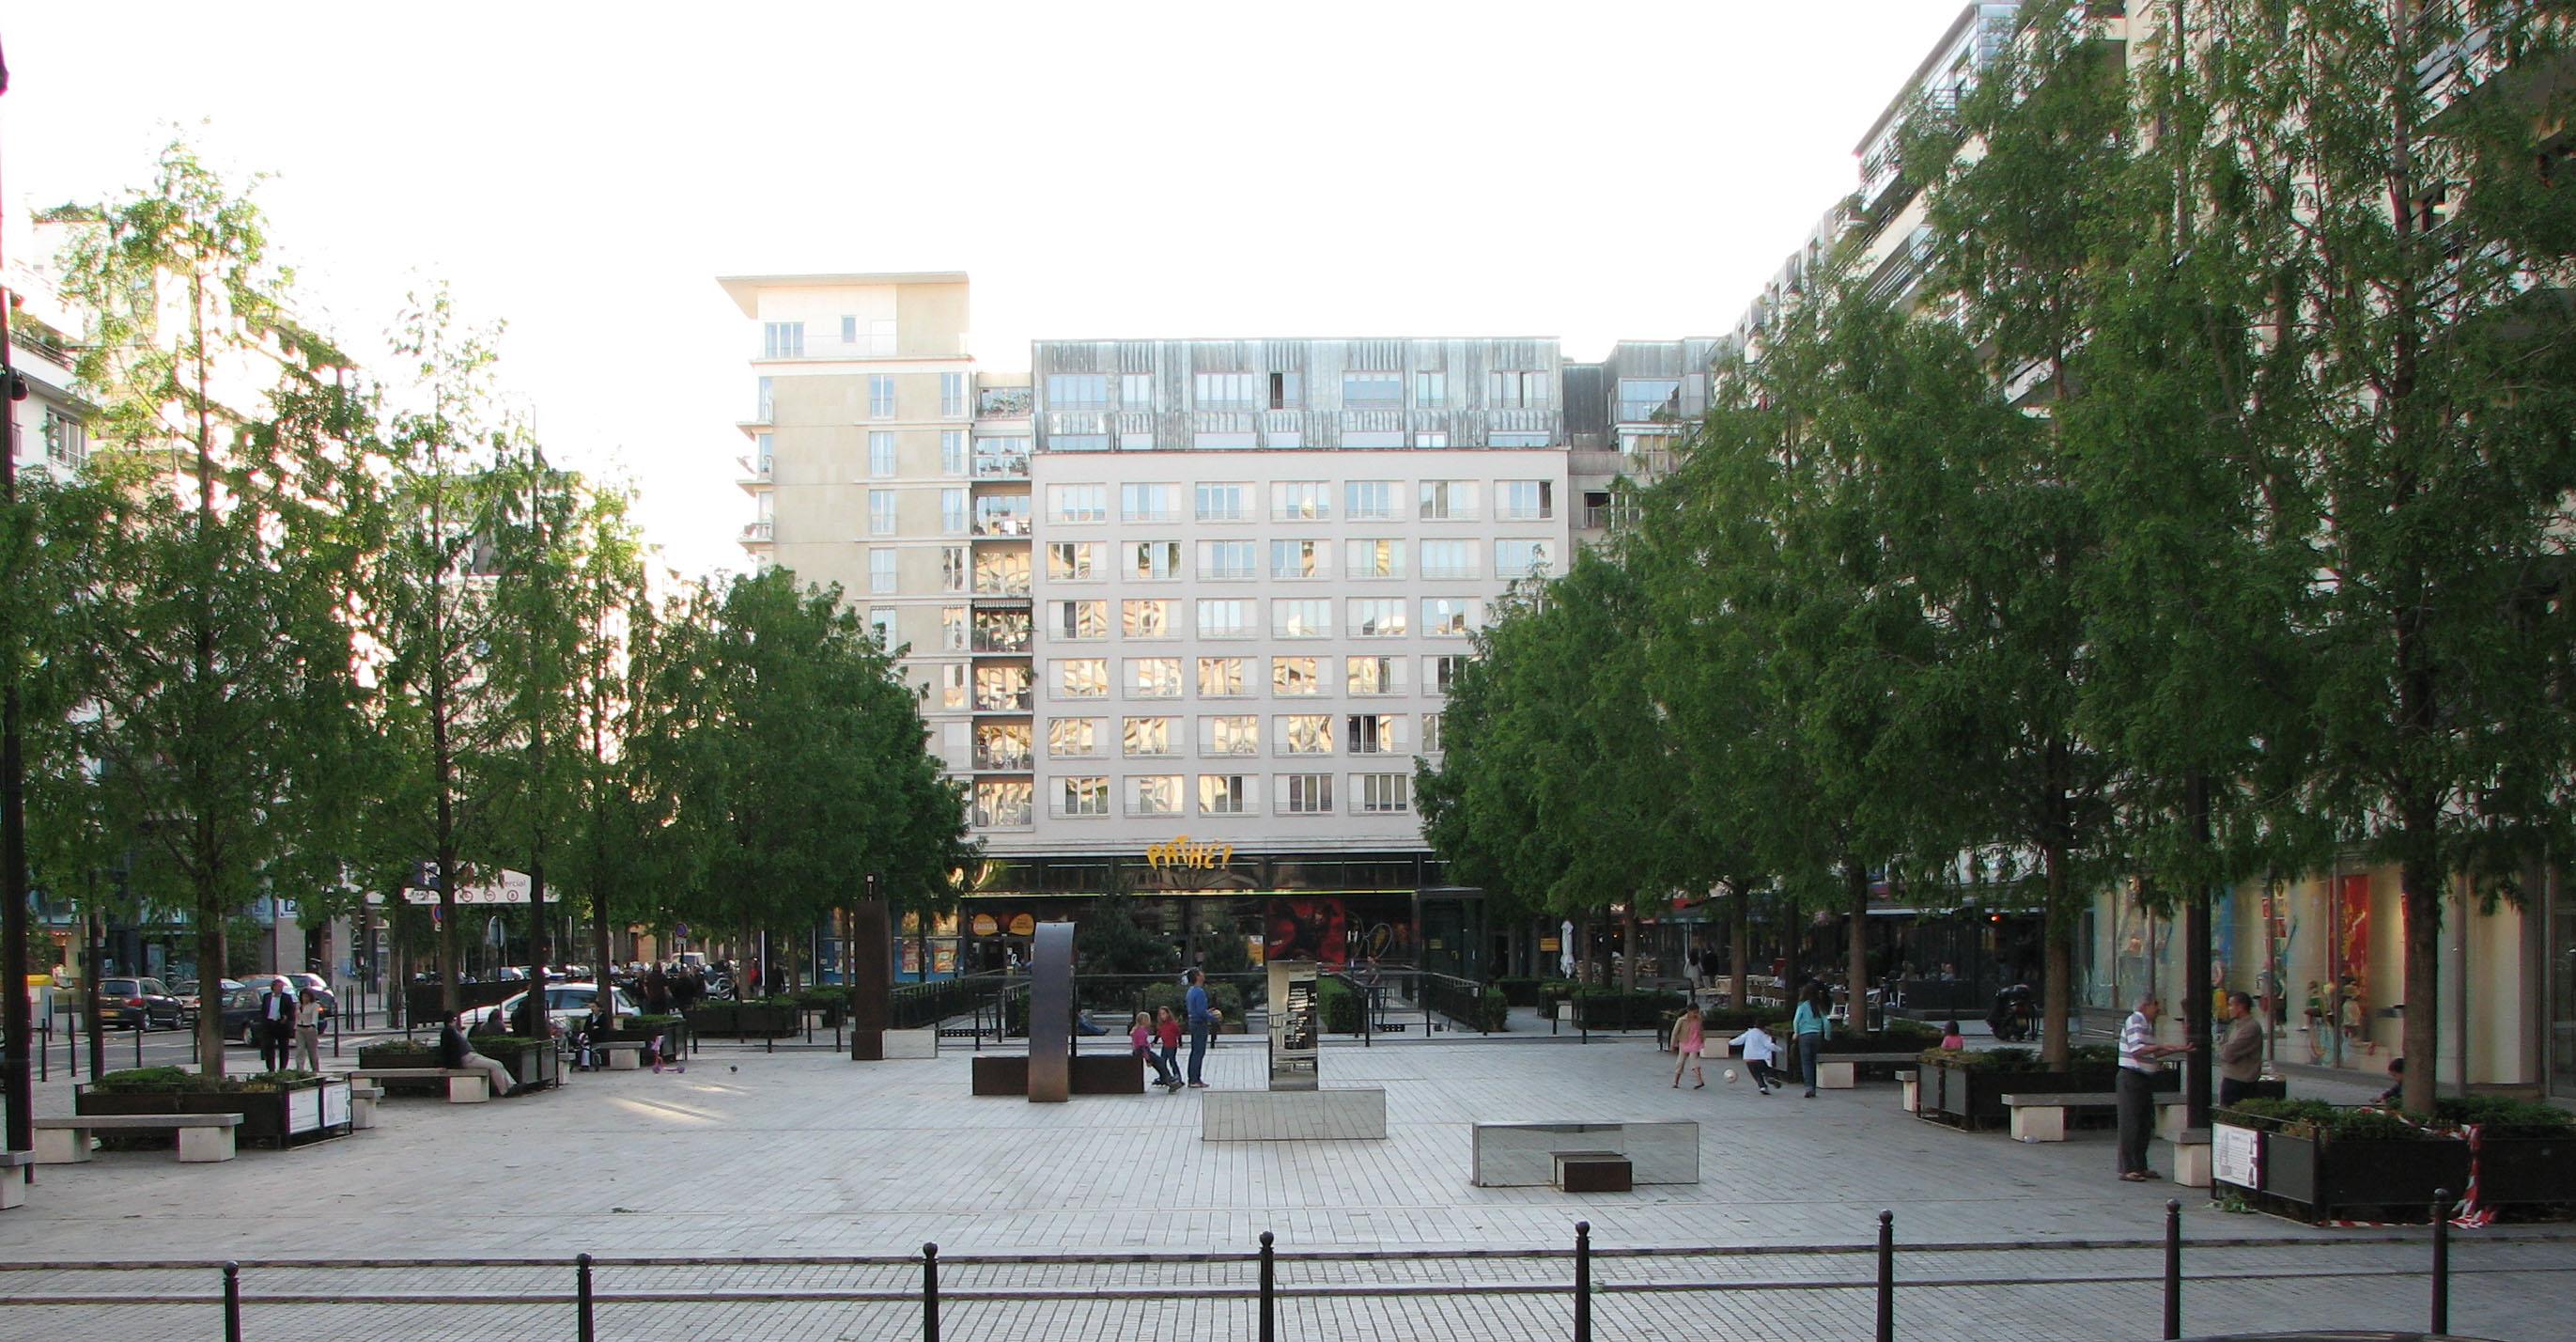 les bordels Boulogne-Billancourt